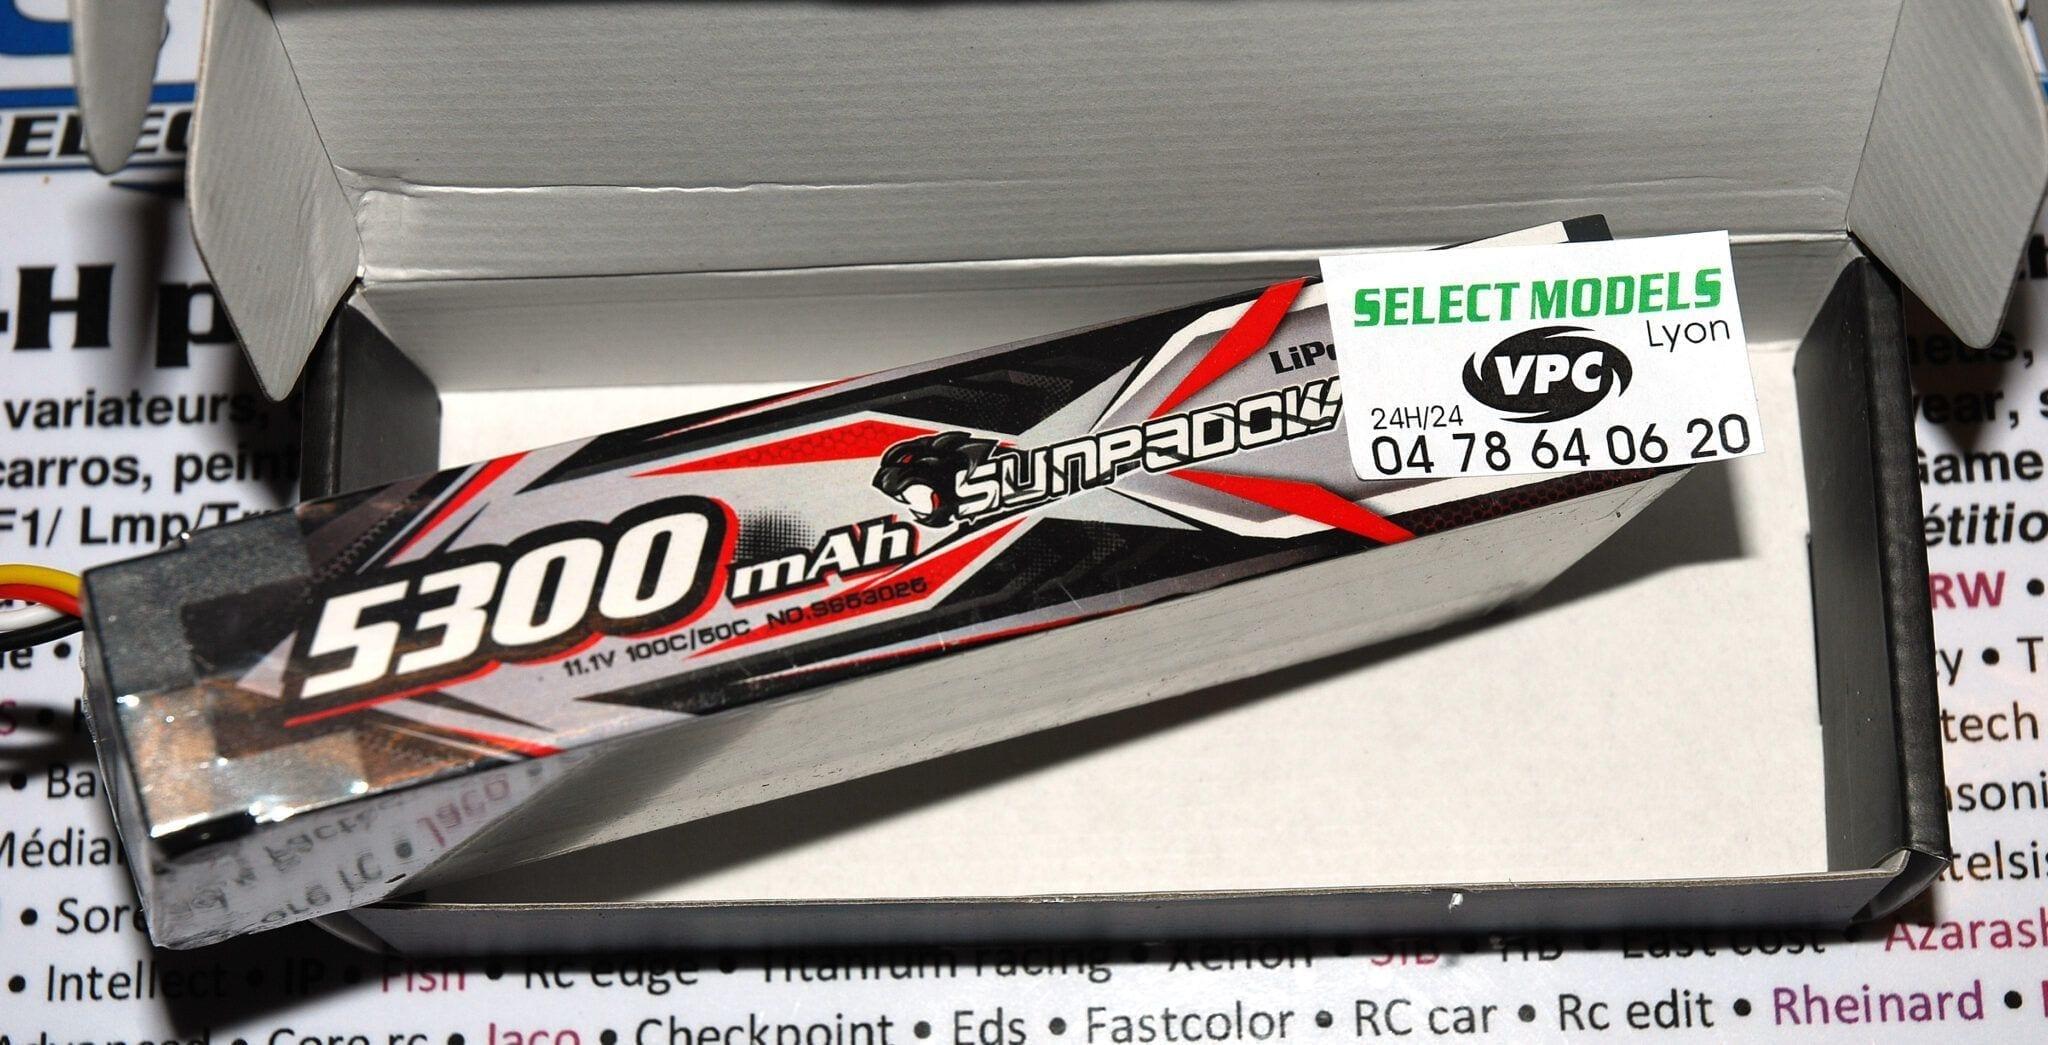 Sunpadow 3S 5300 100c 4mm taille standard